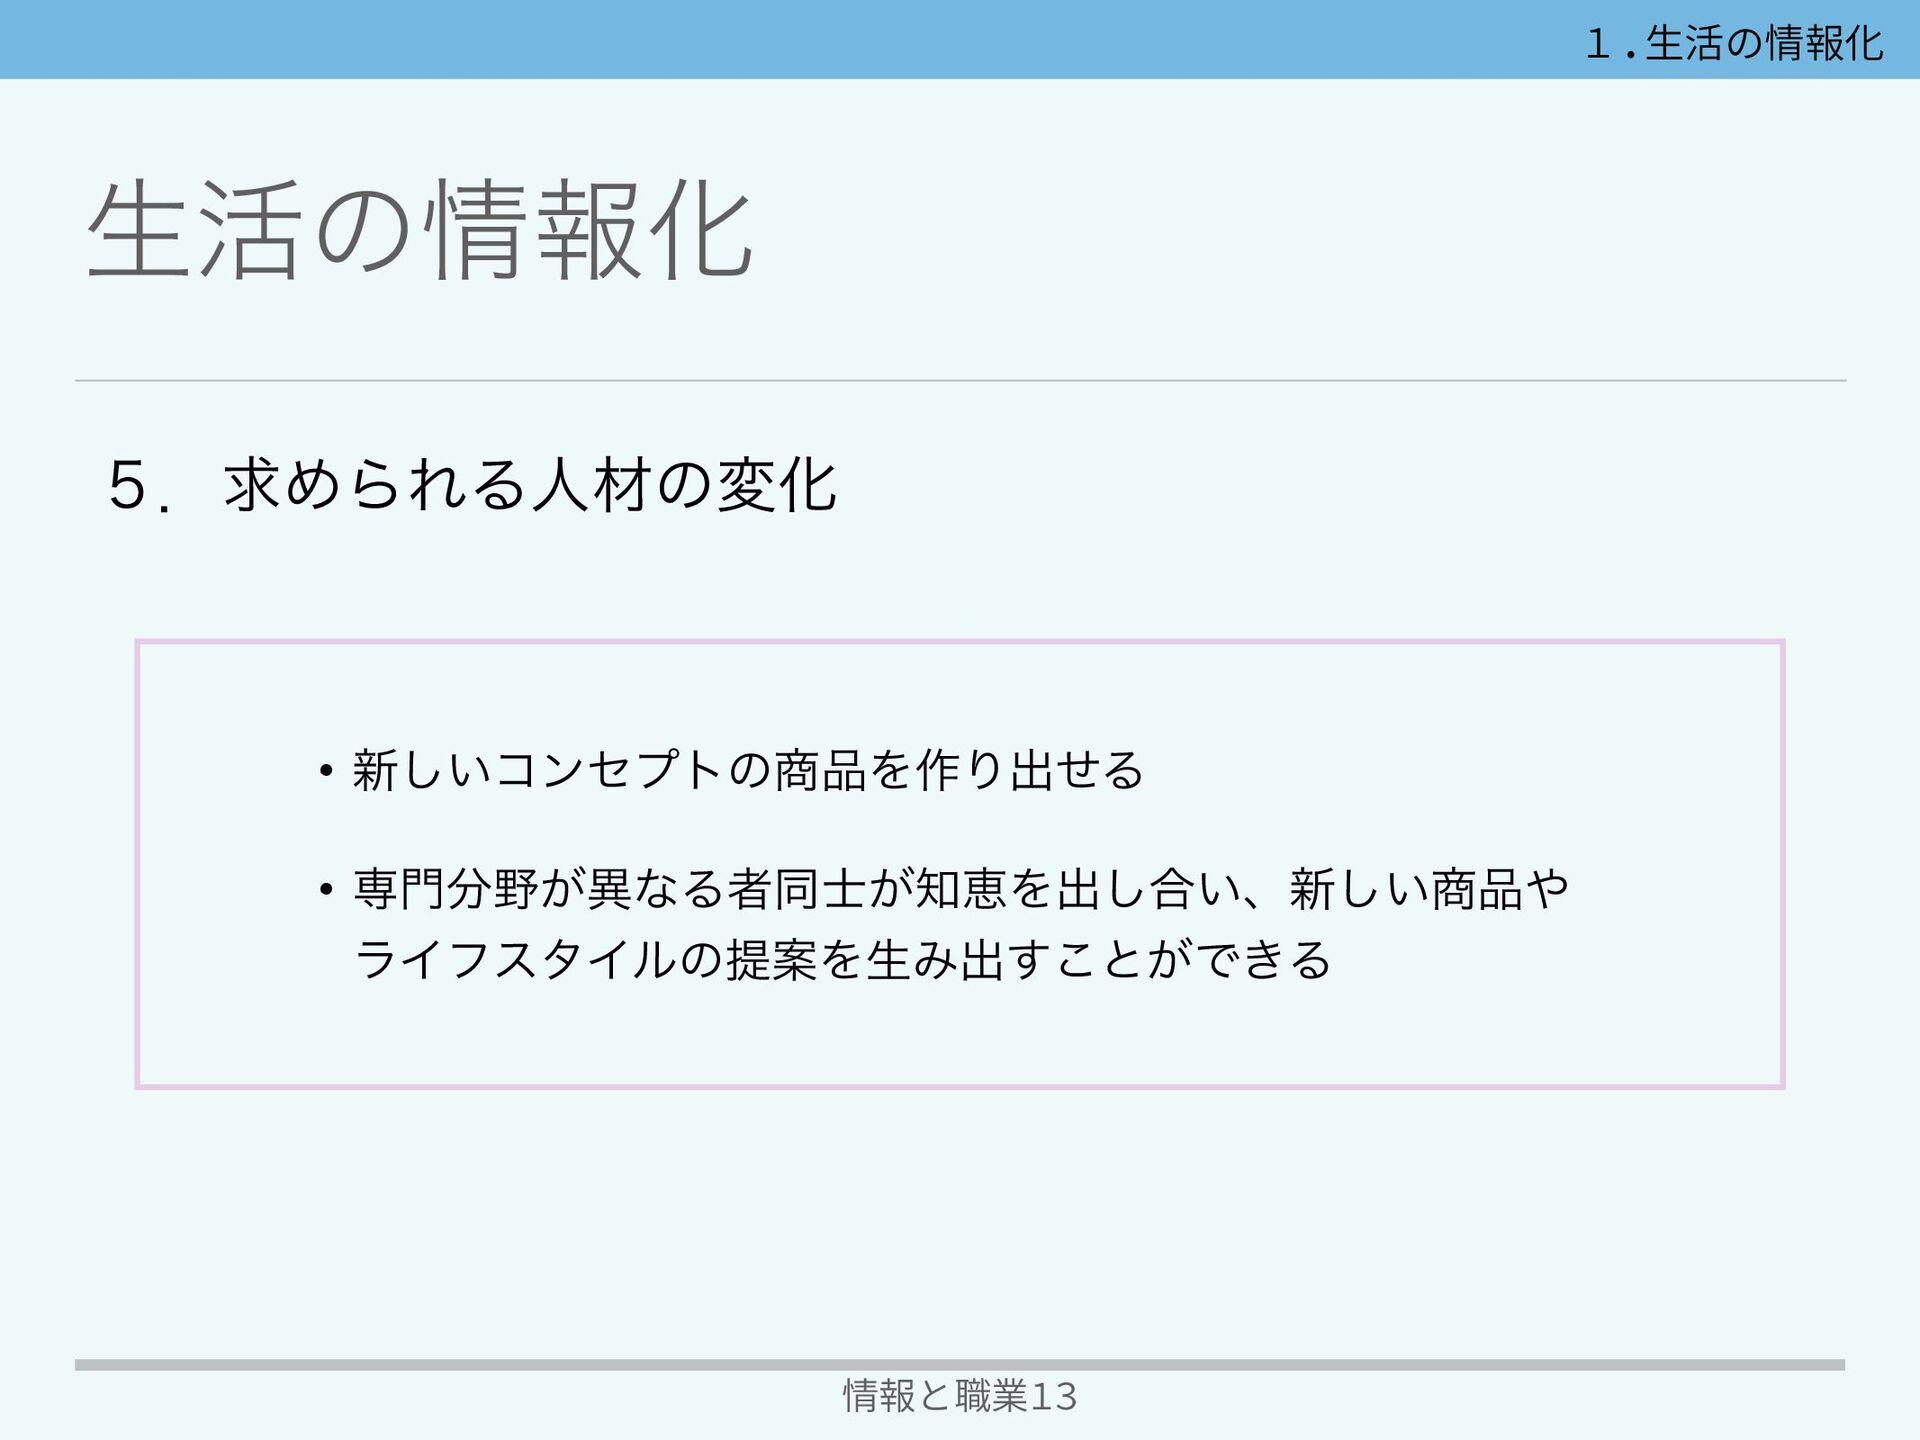 2.デジタルデバイド 情報と職業13 σδλϧσόΠυ σδλϧσόΠυʢdigital di...